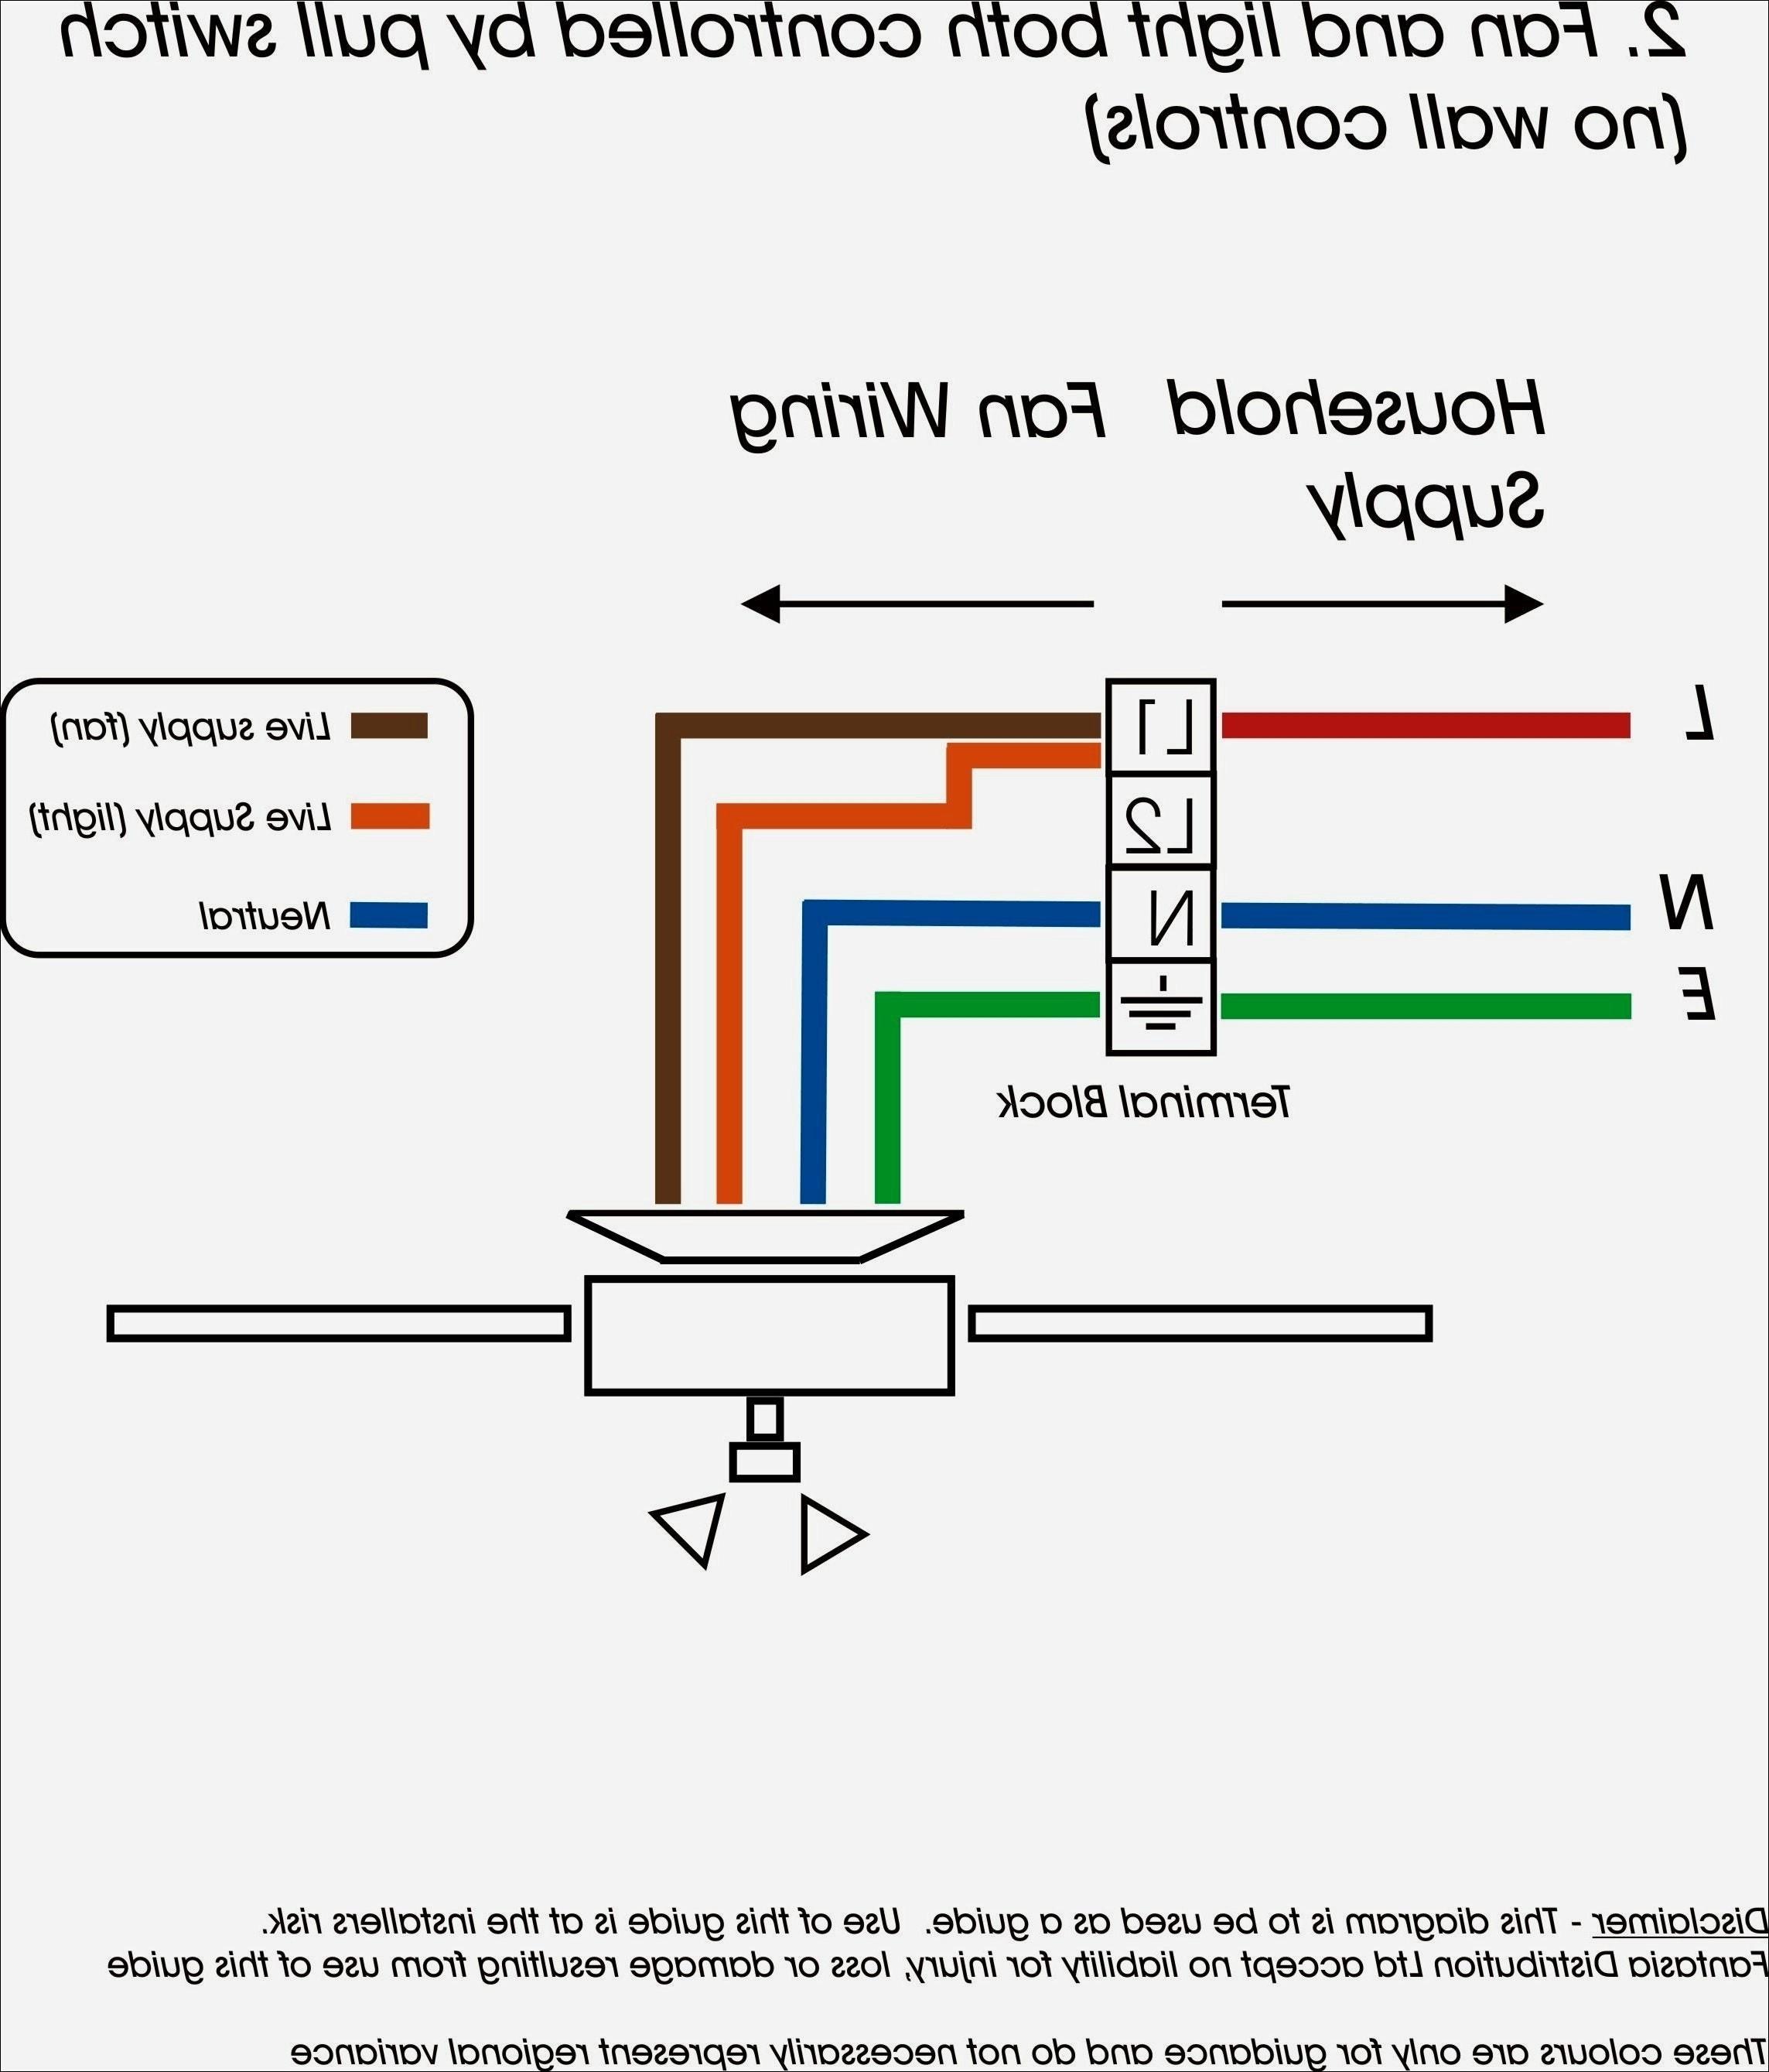 fan control wiring diagram Collection-Fan Control Wiring Diagram House Light Switch Wiring Diagram Australia New Charming Fan Light Switch 4-l